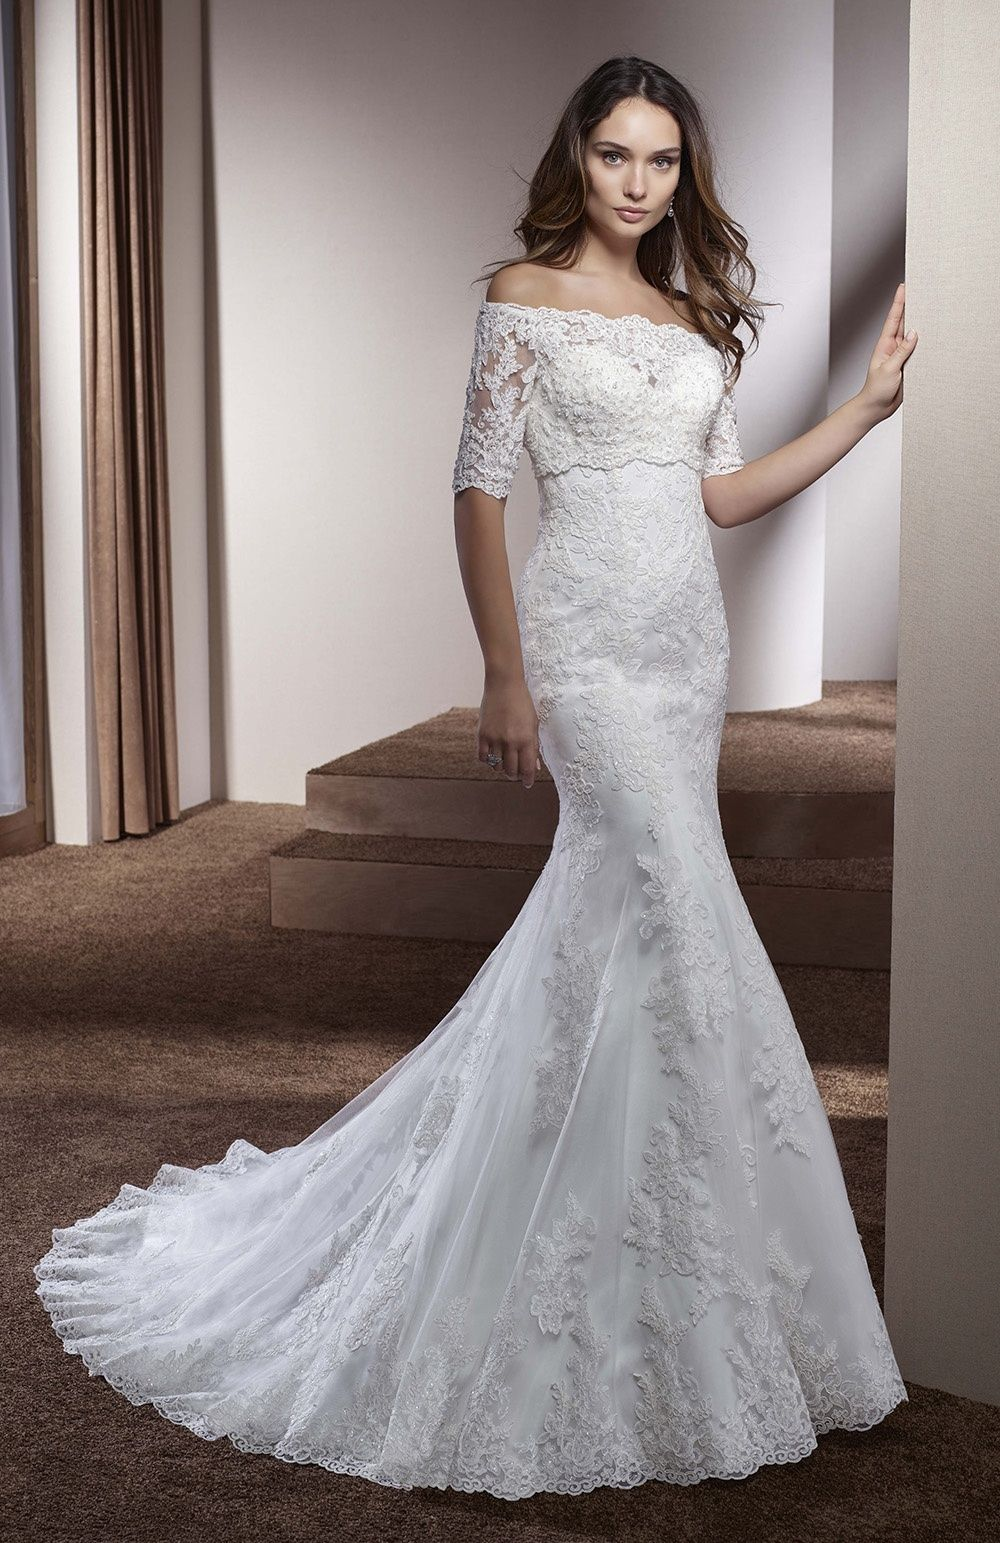 Robe De Mariee Divina Sposa 2018 Modele Nuntă Nuntă